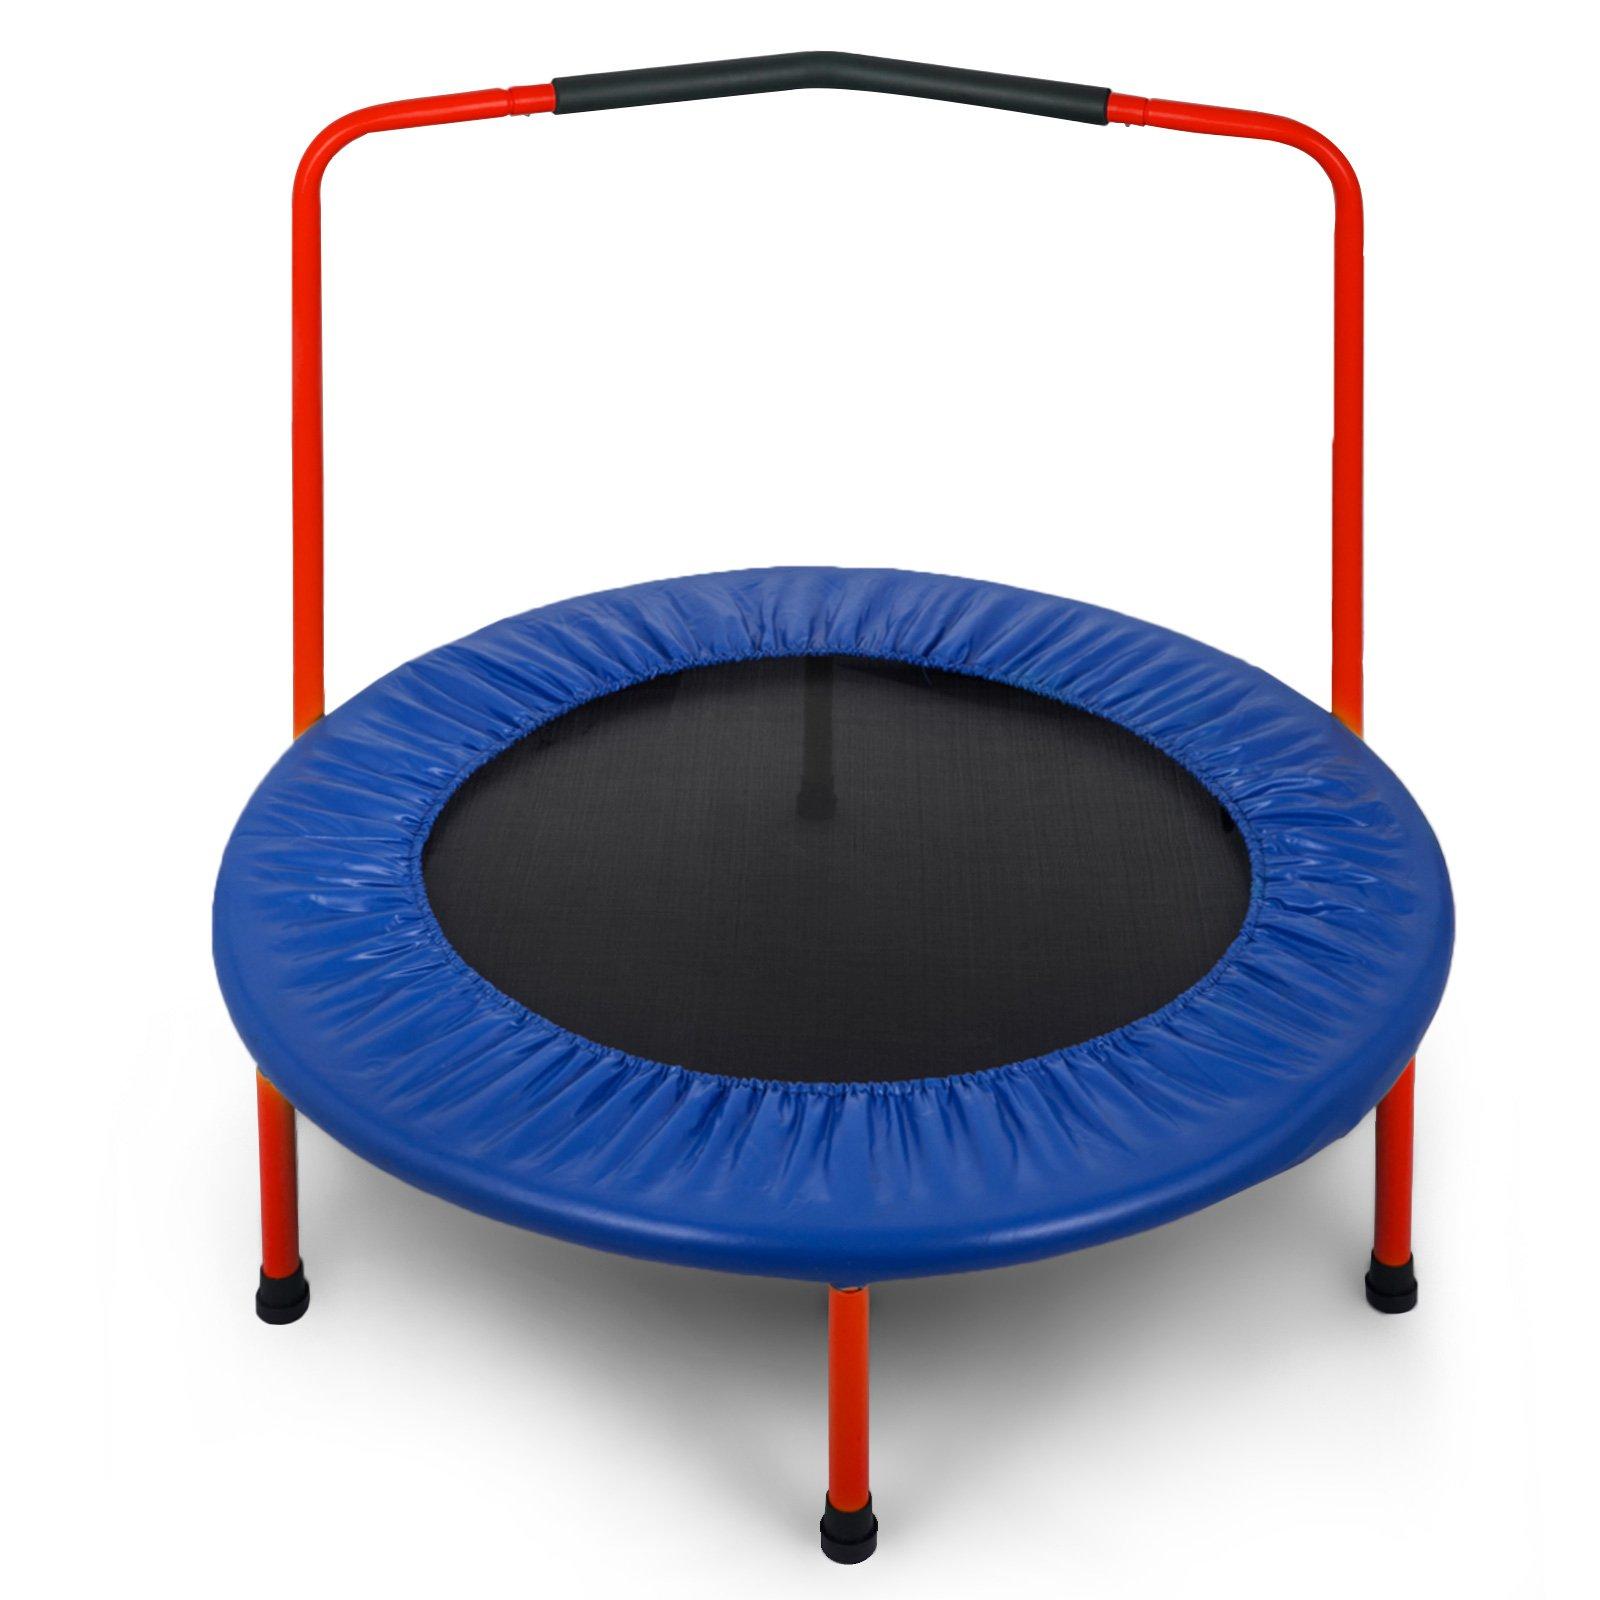 Popsport 36 40 50 4 Inch Mini Trampoline 220 330 Lbs